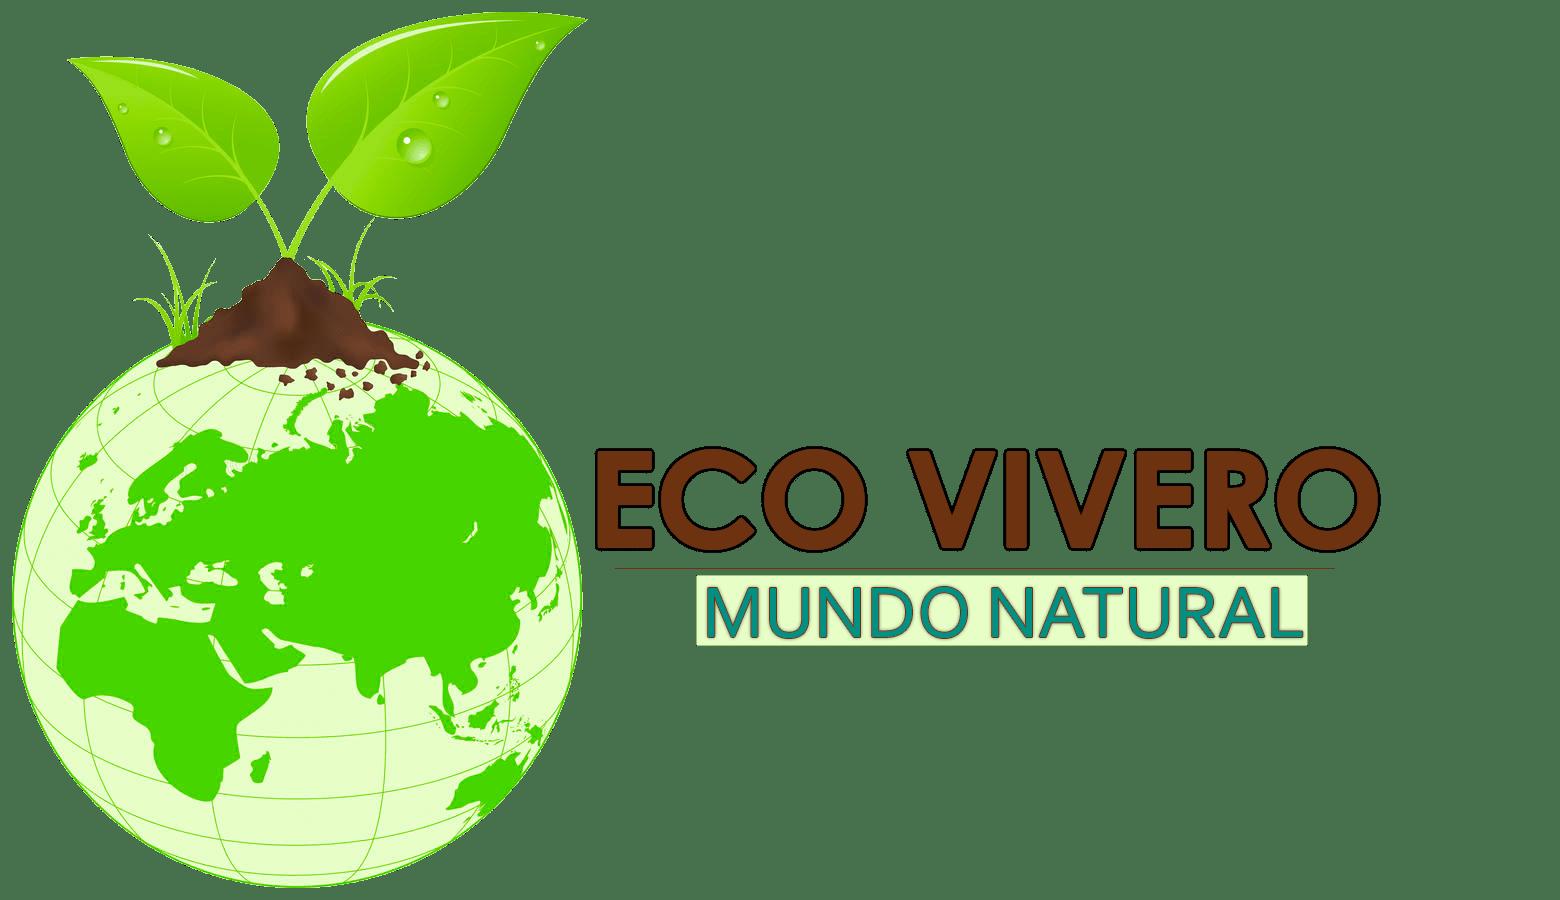 e5629f66f636 Eco Vivero Mundo Natural - El mejor ambiente natural para sus espacios